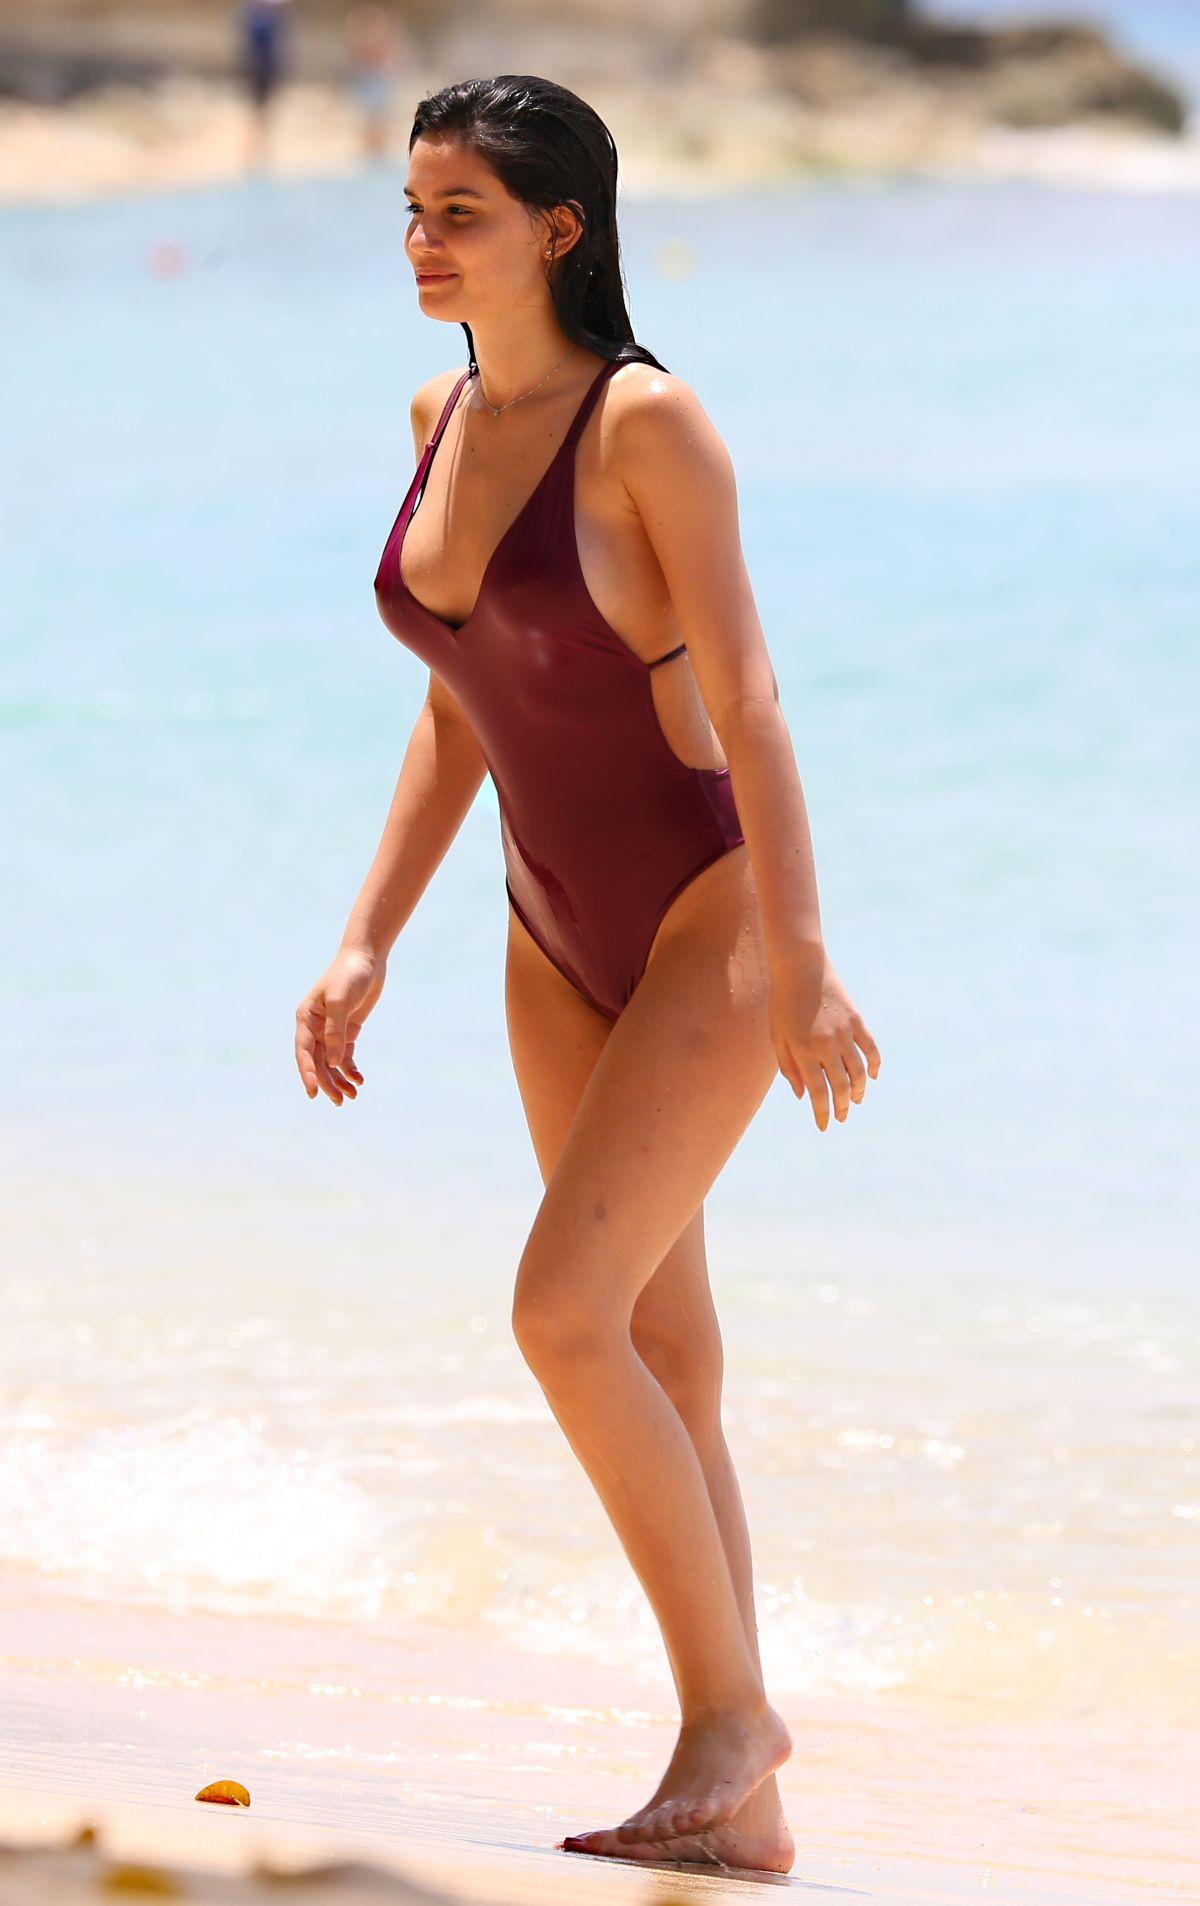 Anne De Paula nude (48 photo) Porno, Snapchat, legs